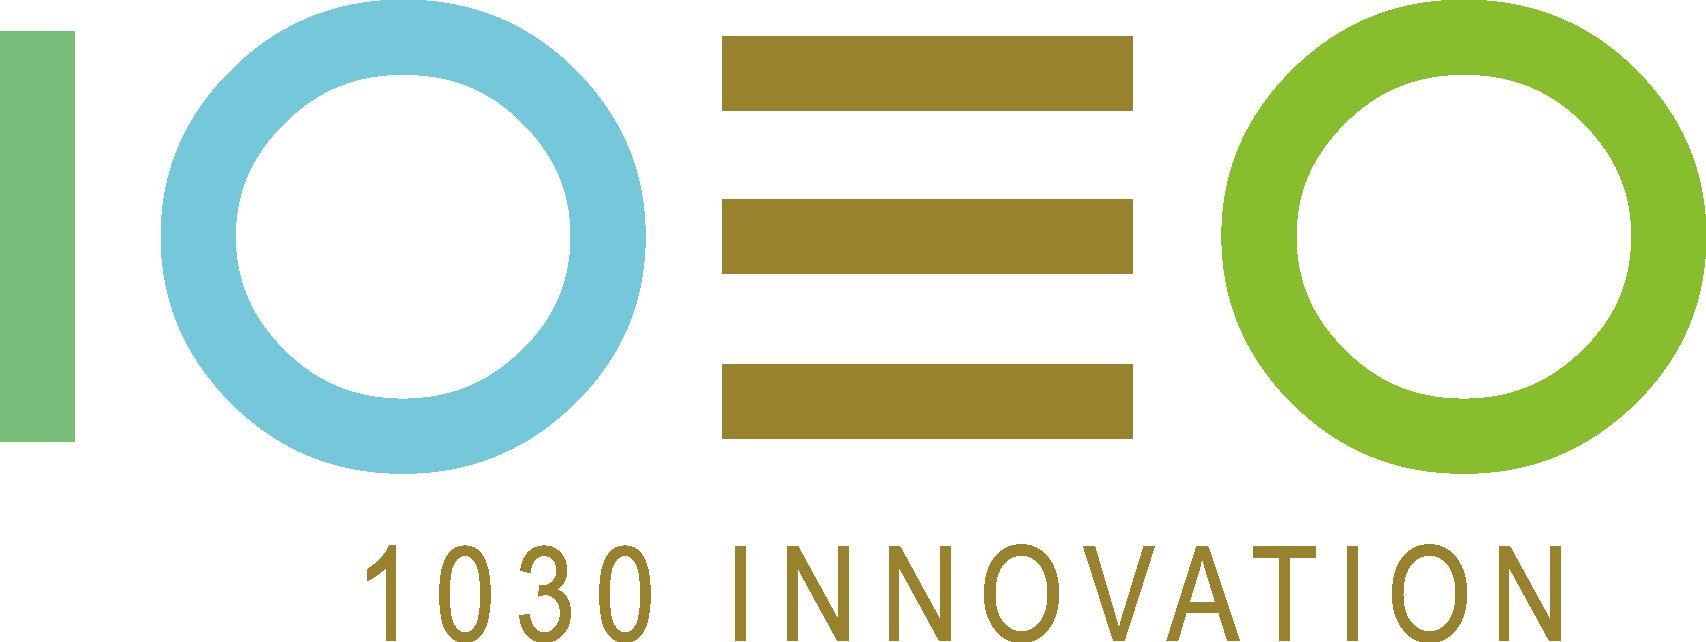 1030 Innovation